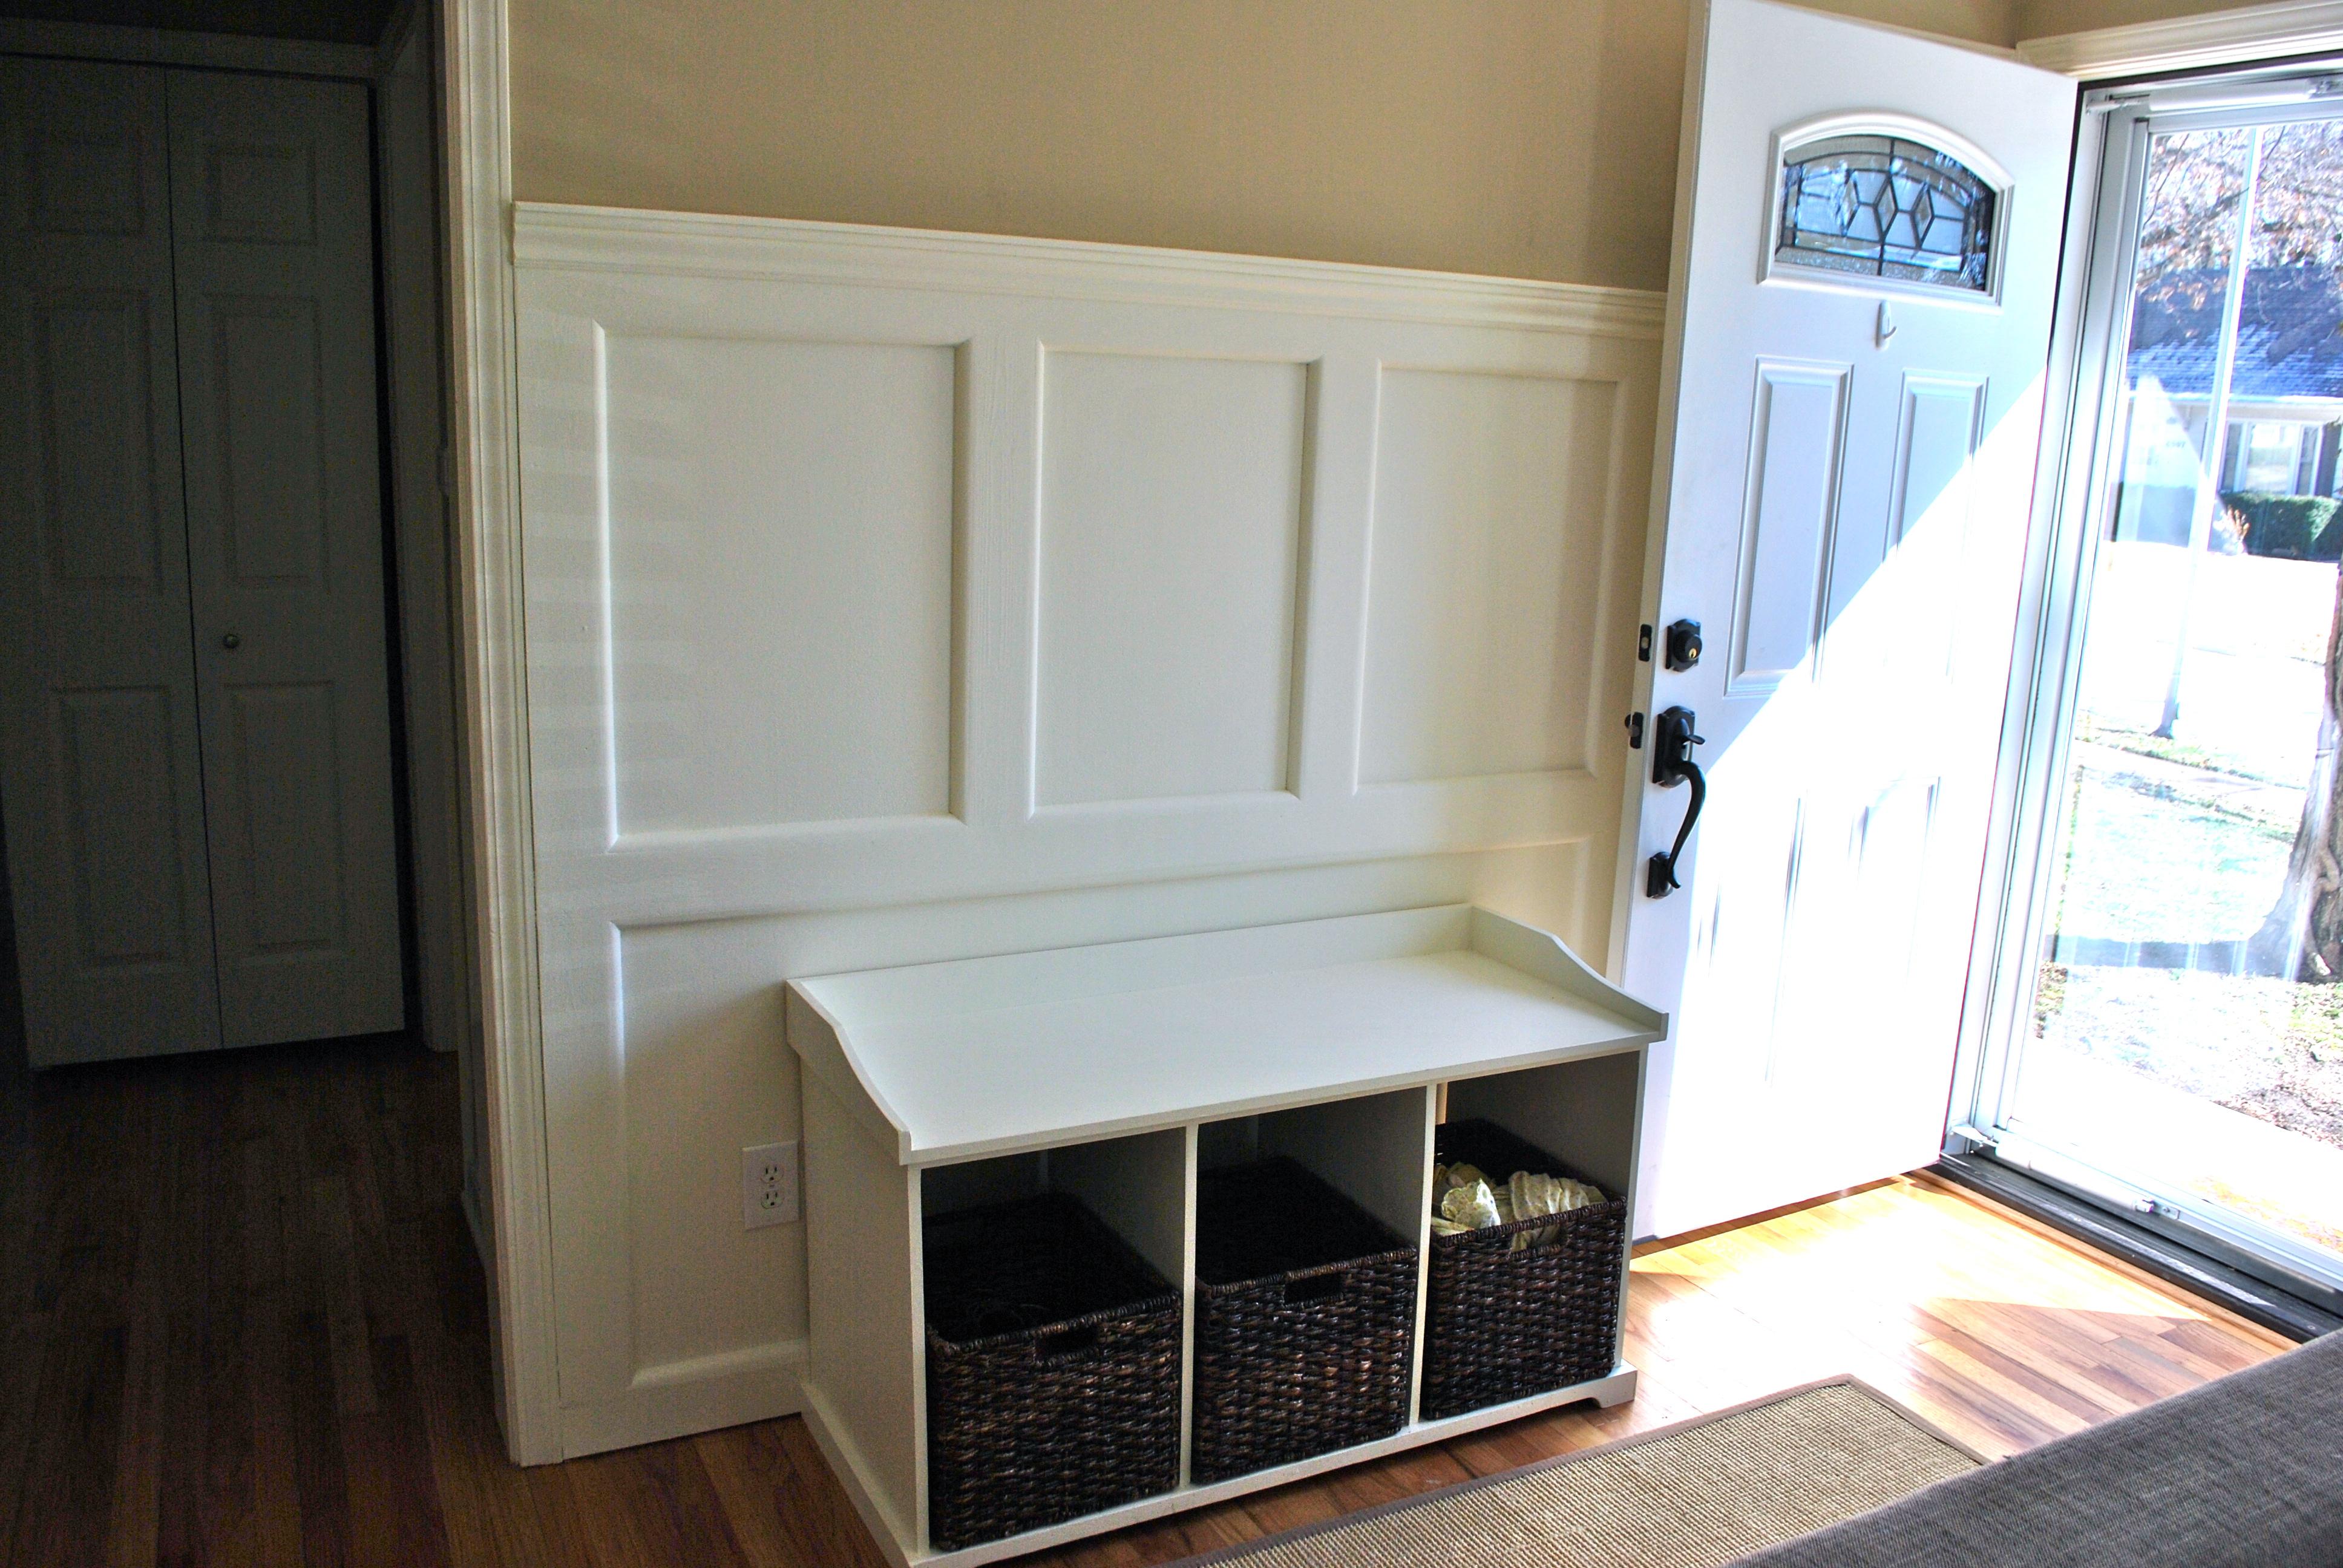 Diy Foyer Storage : Diy entryway storage the suburban urbanist